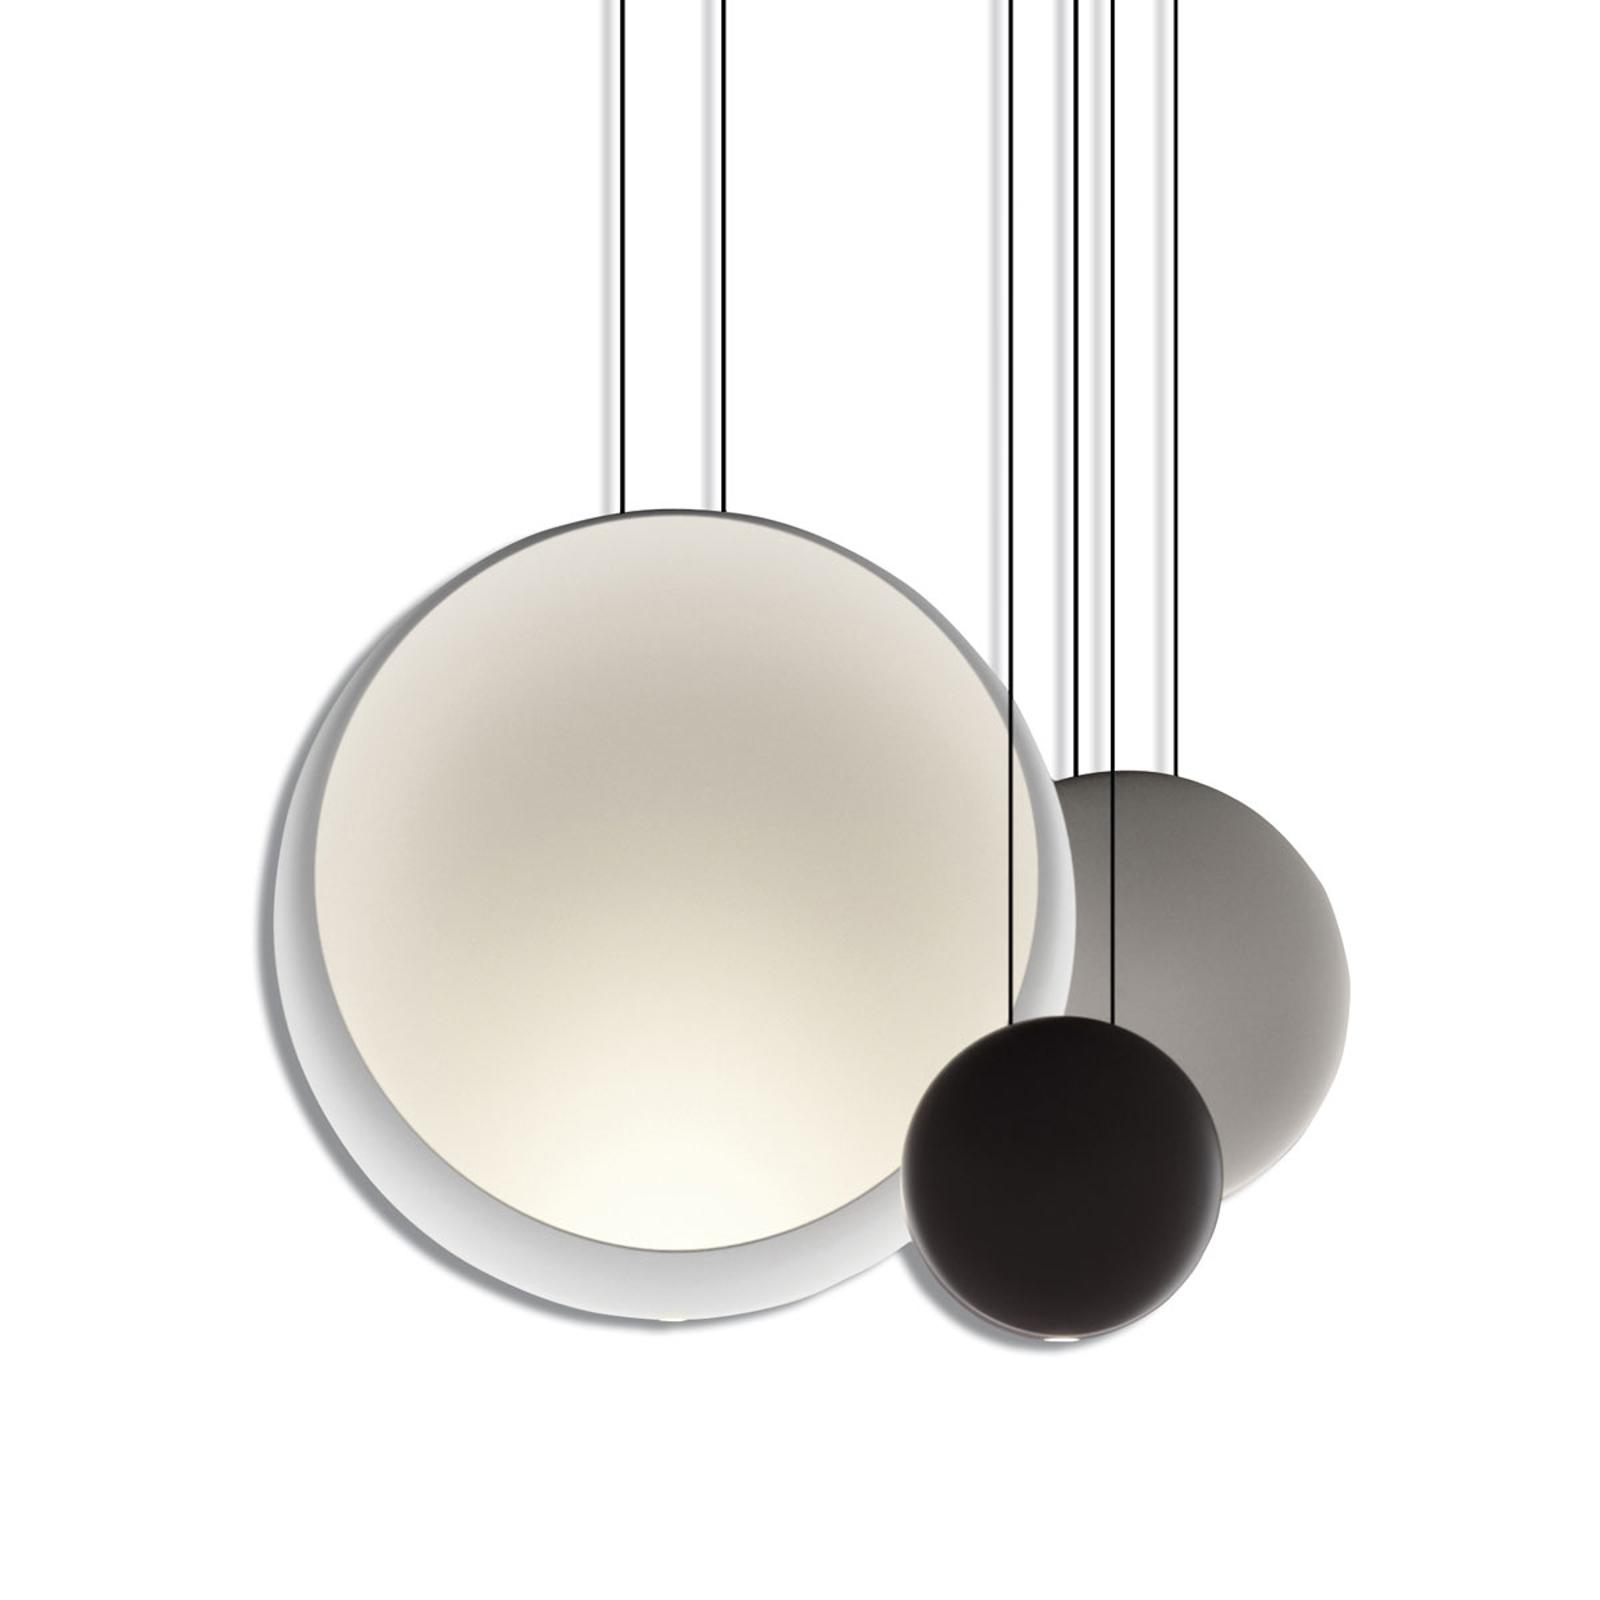 Lampa wisząca COSMOS z LED, 65 cm